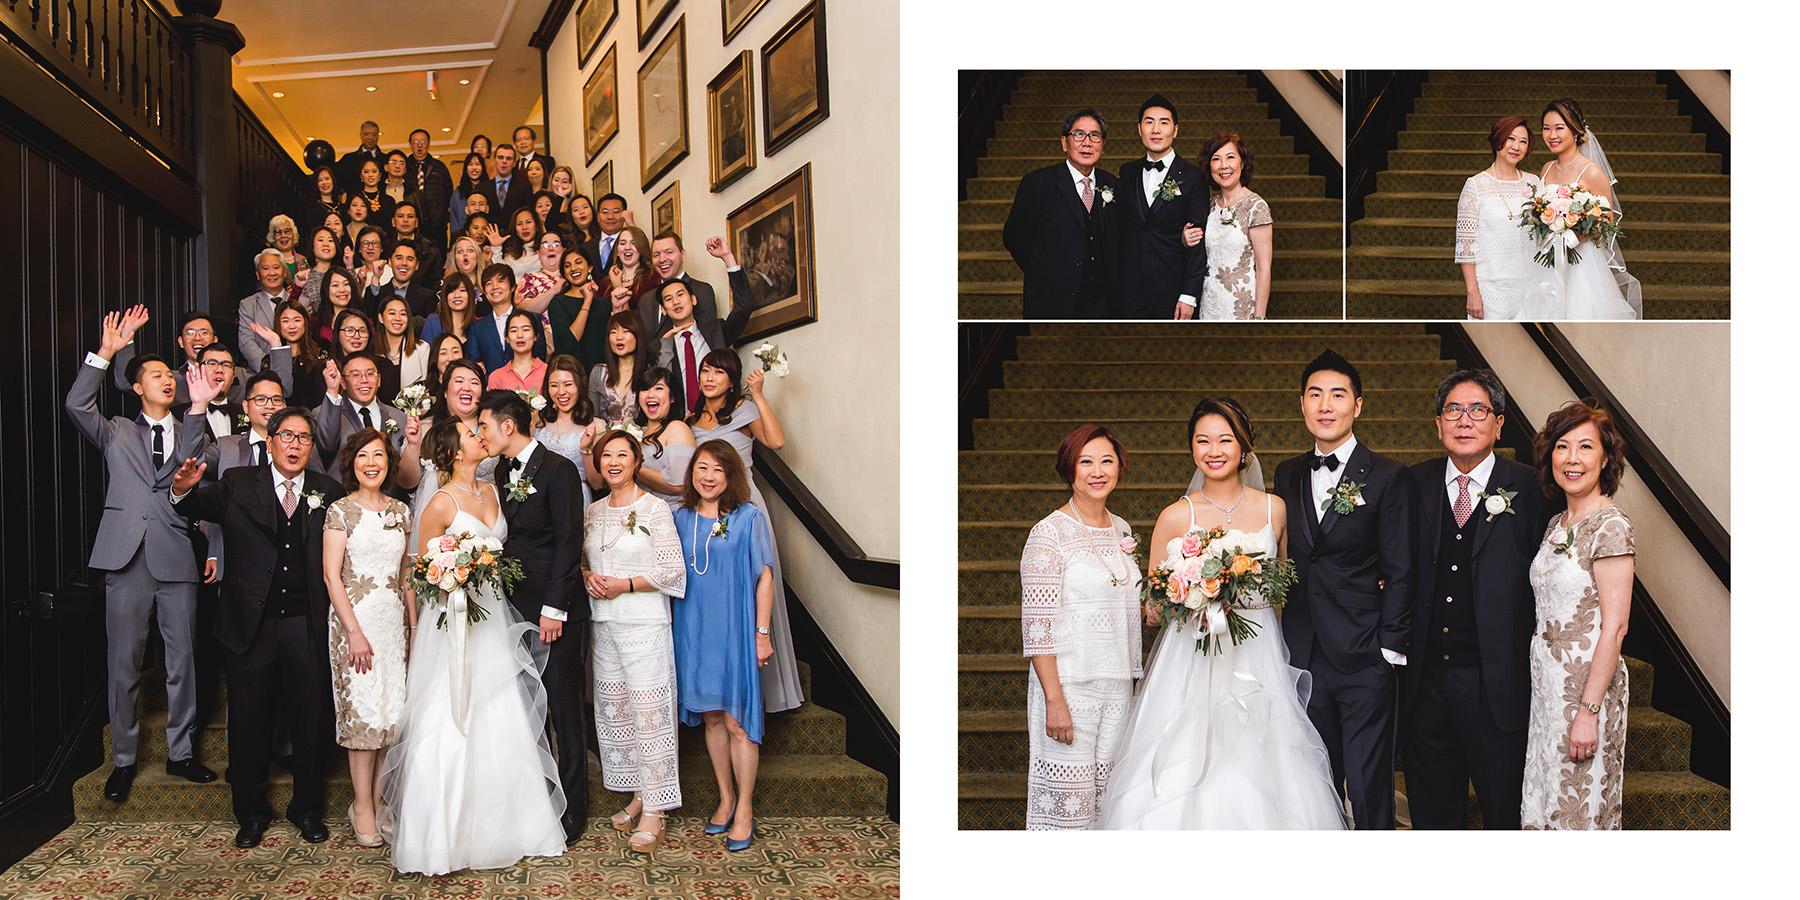 Tiffany_+_Matthew_-_Wedding_Album_11.jpg